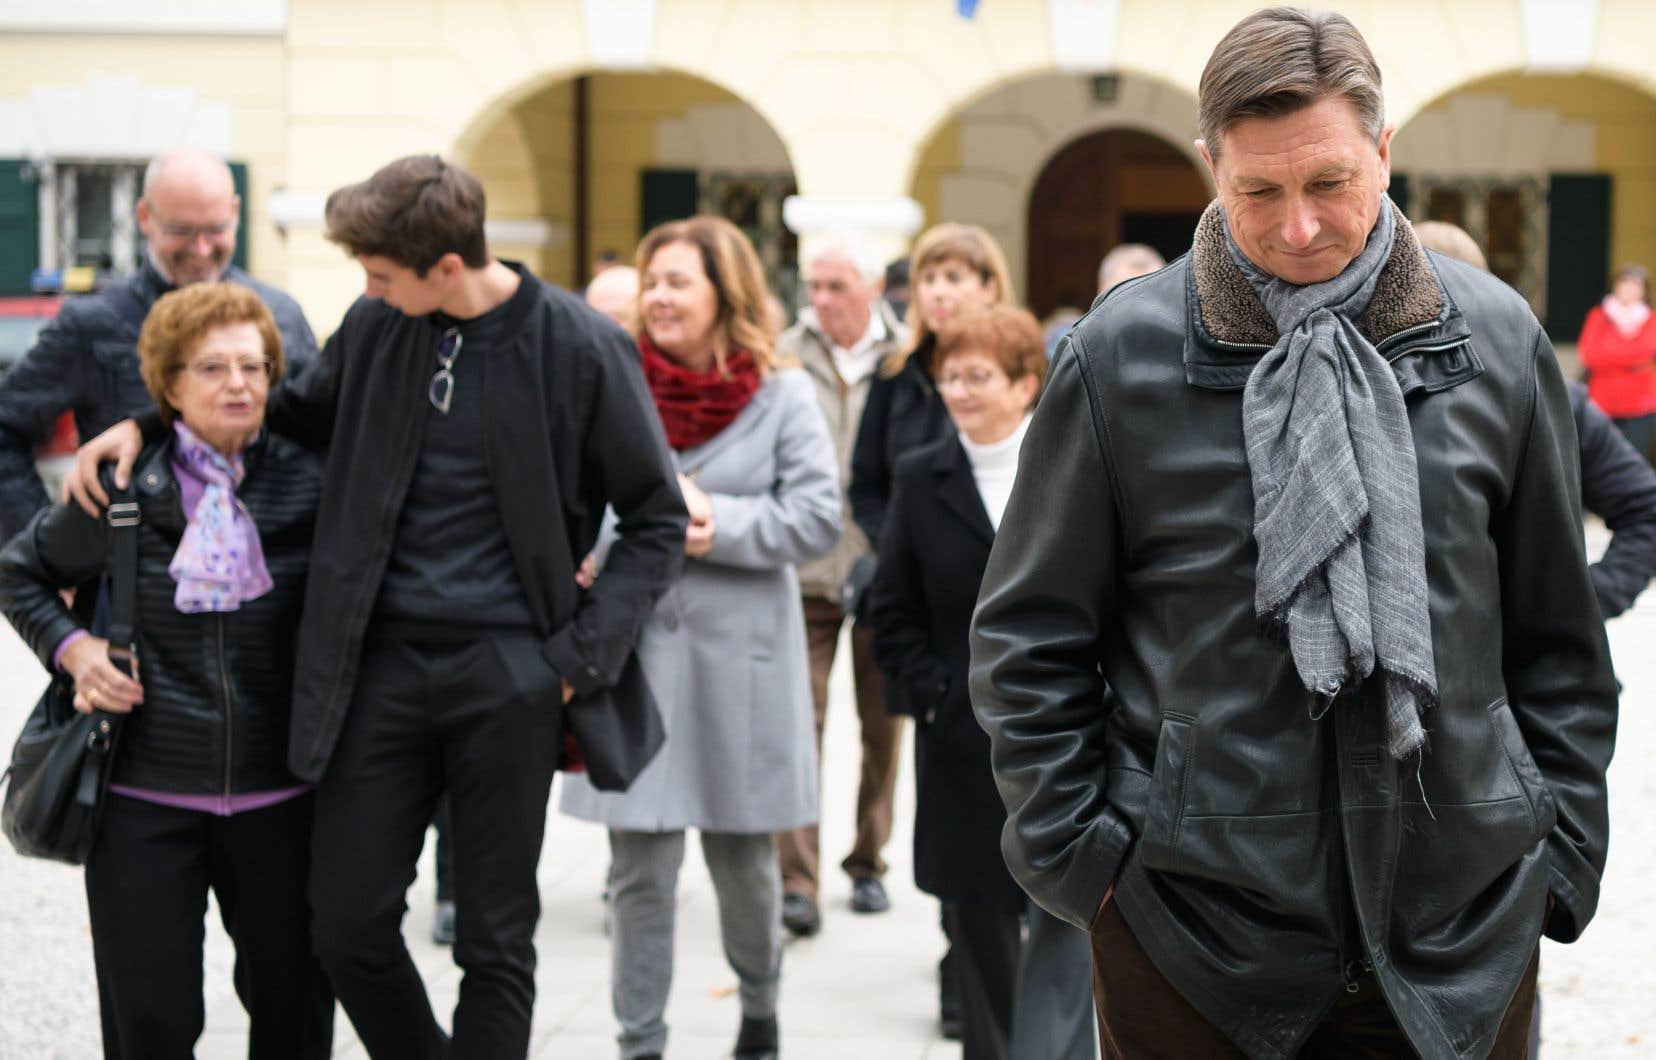 Le chef de l'État slovène sortant Borut Pahor